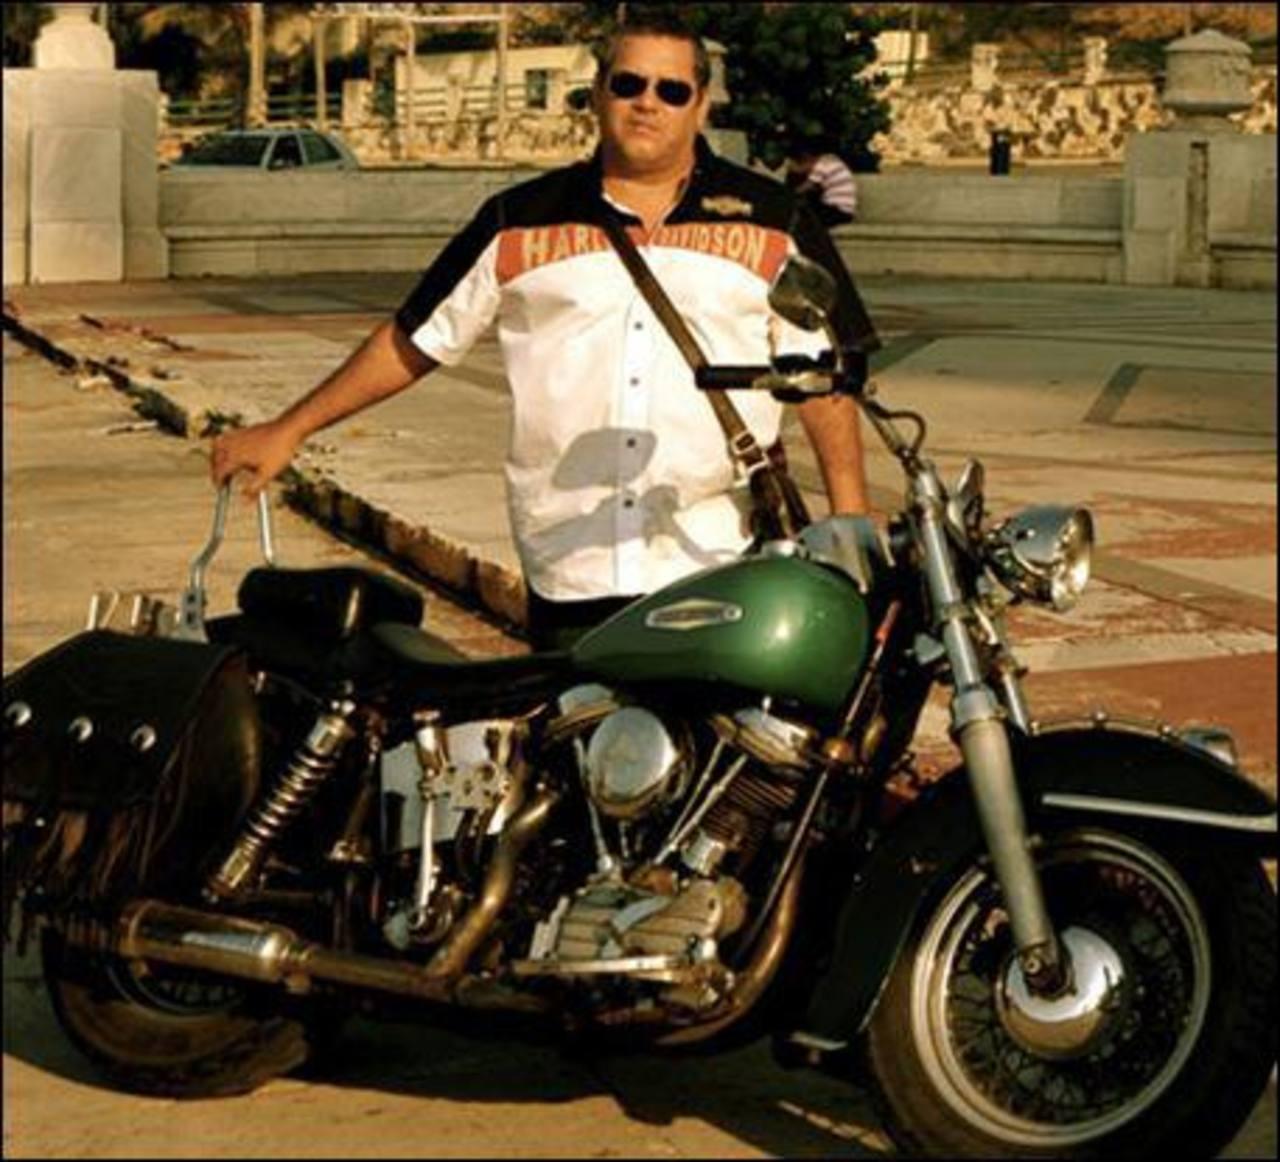 Un hijo del Che Guevara ofrece viajes turísticos en Harley-Davidson por Cuba